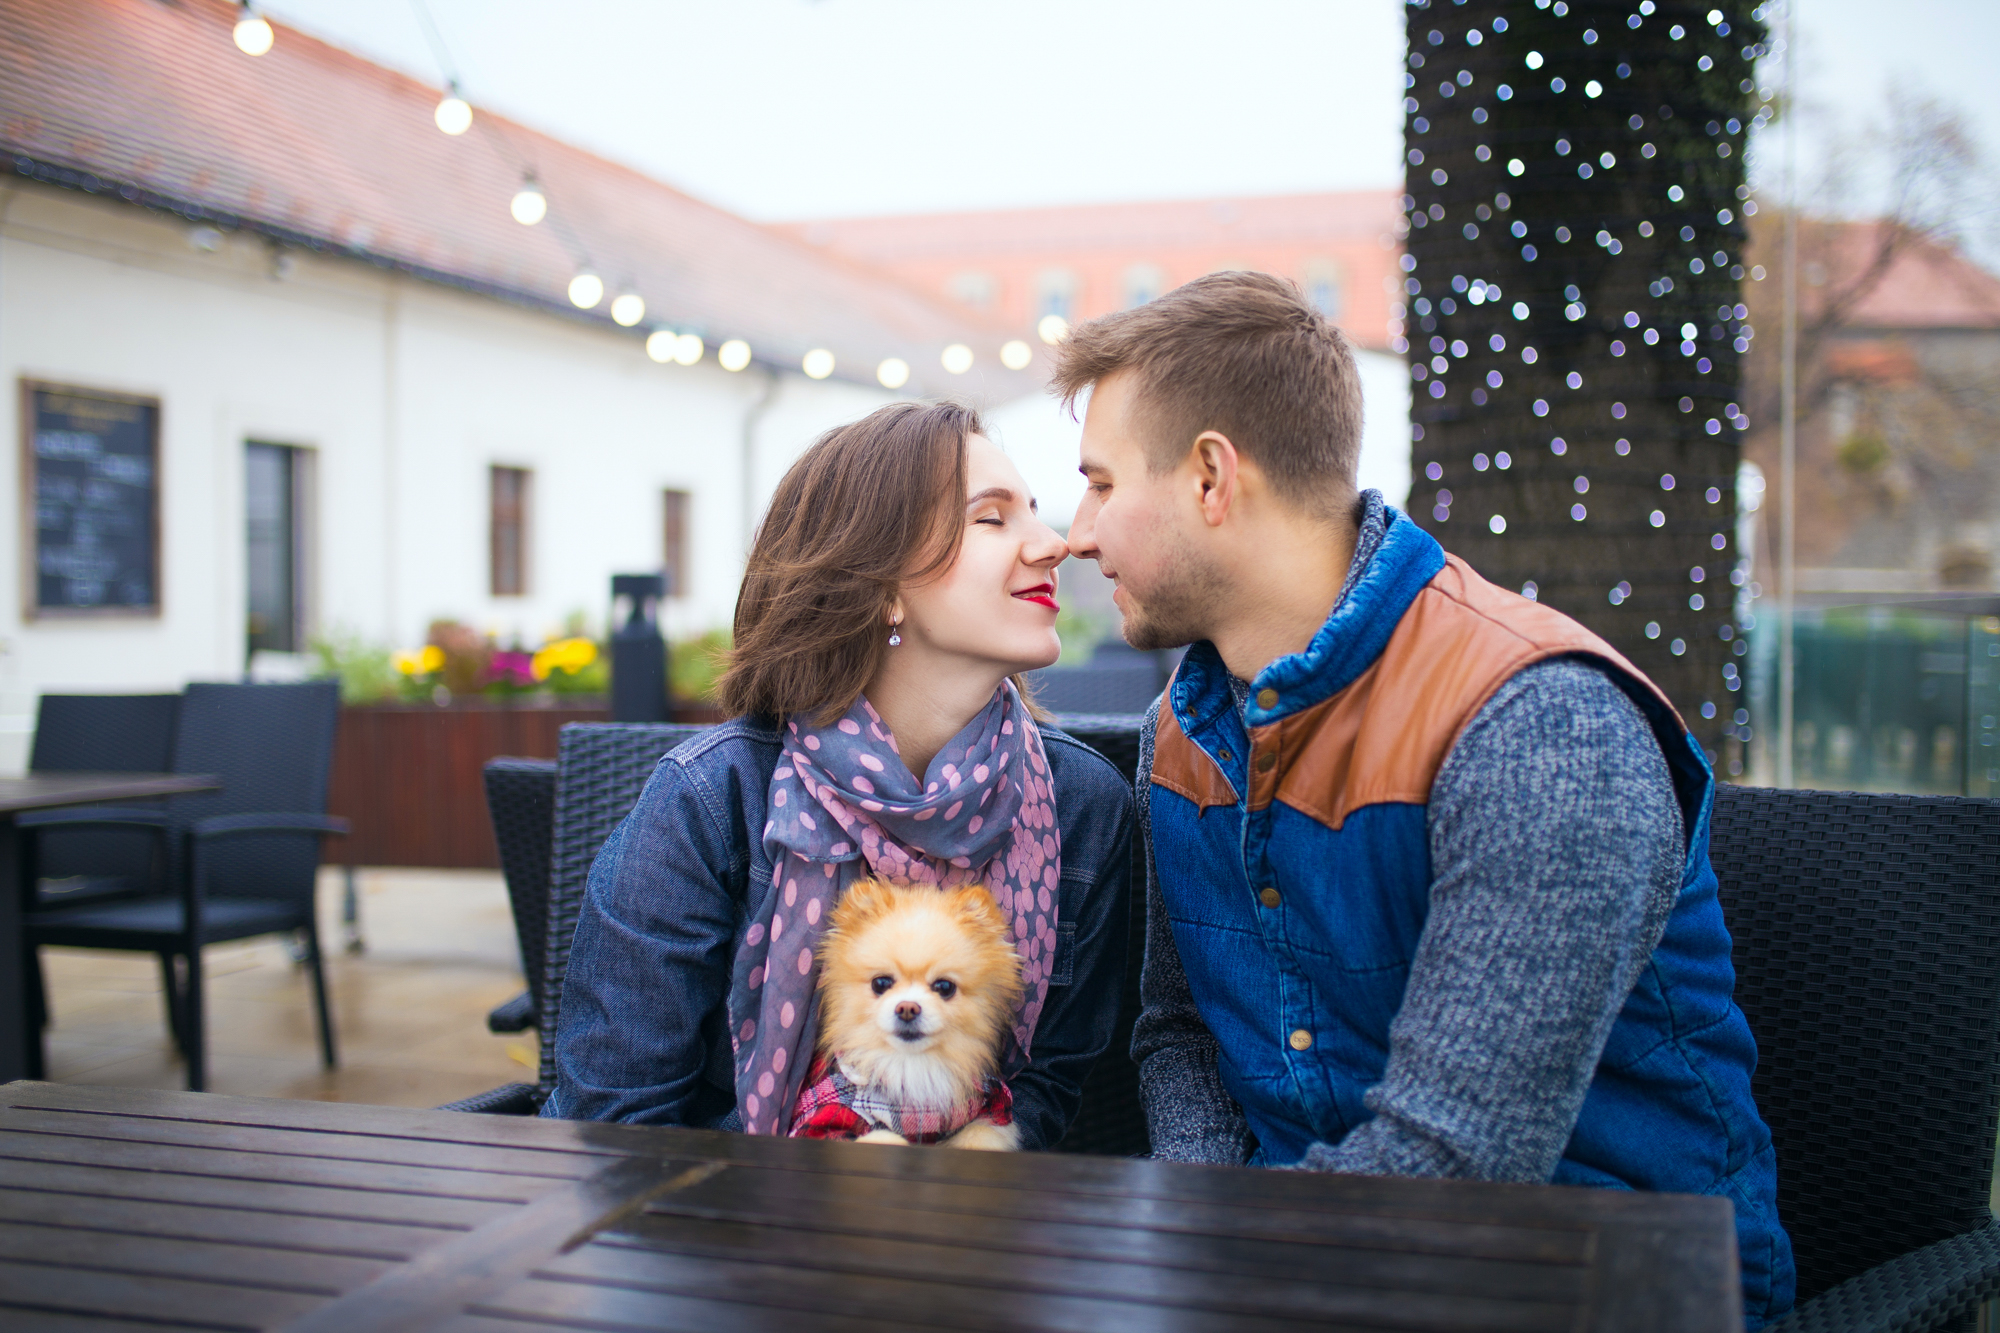 Love Story Лены и Игоря, г. Братислава, Словакия 2016